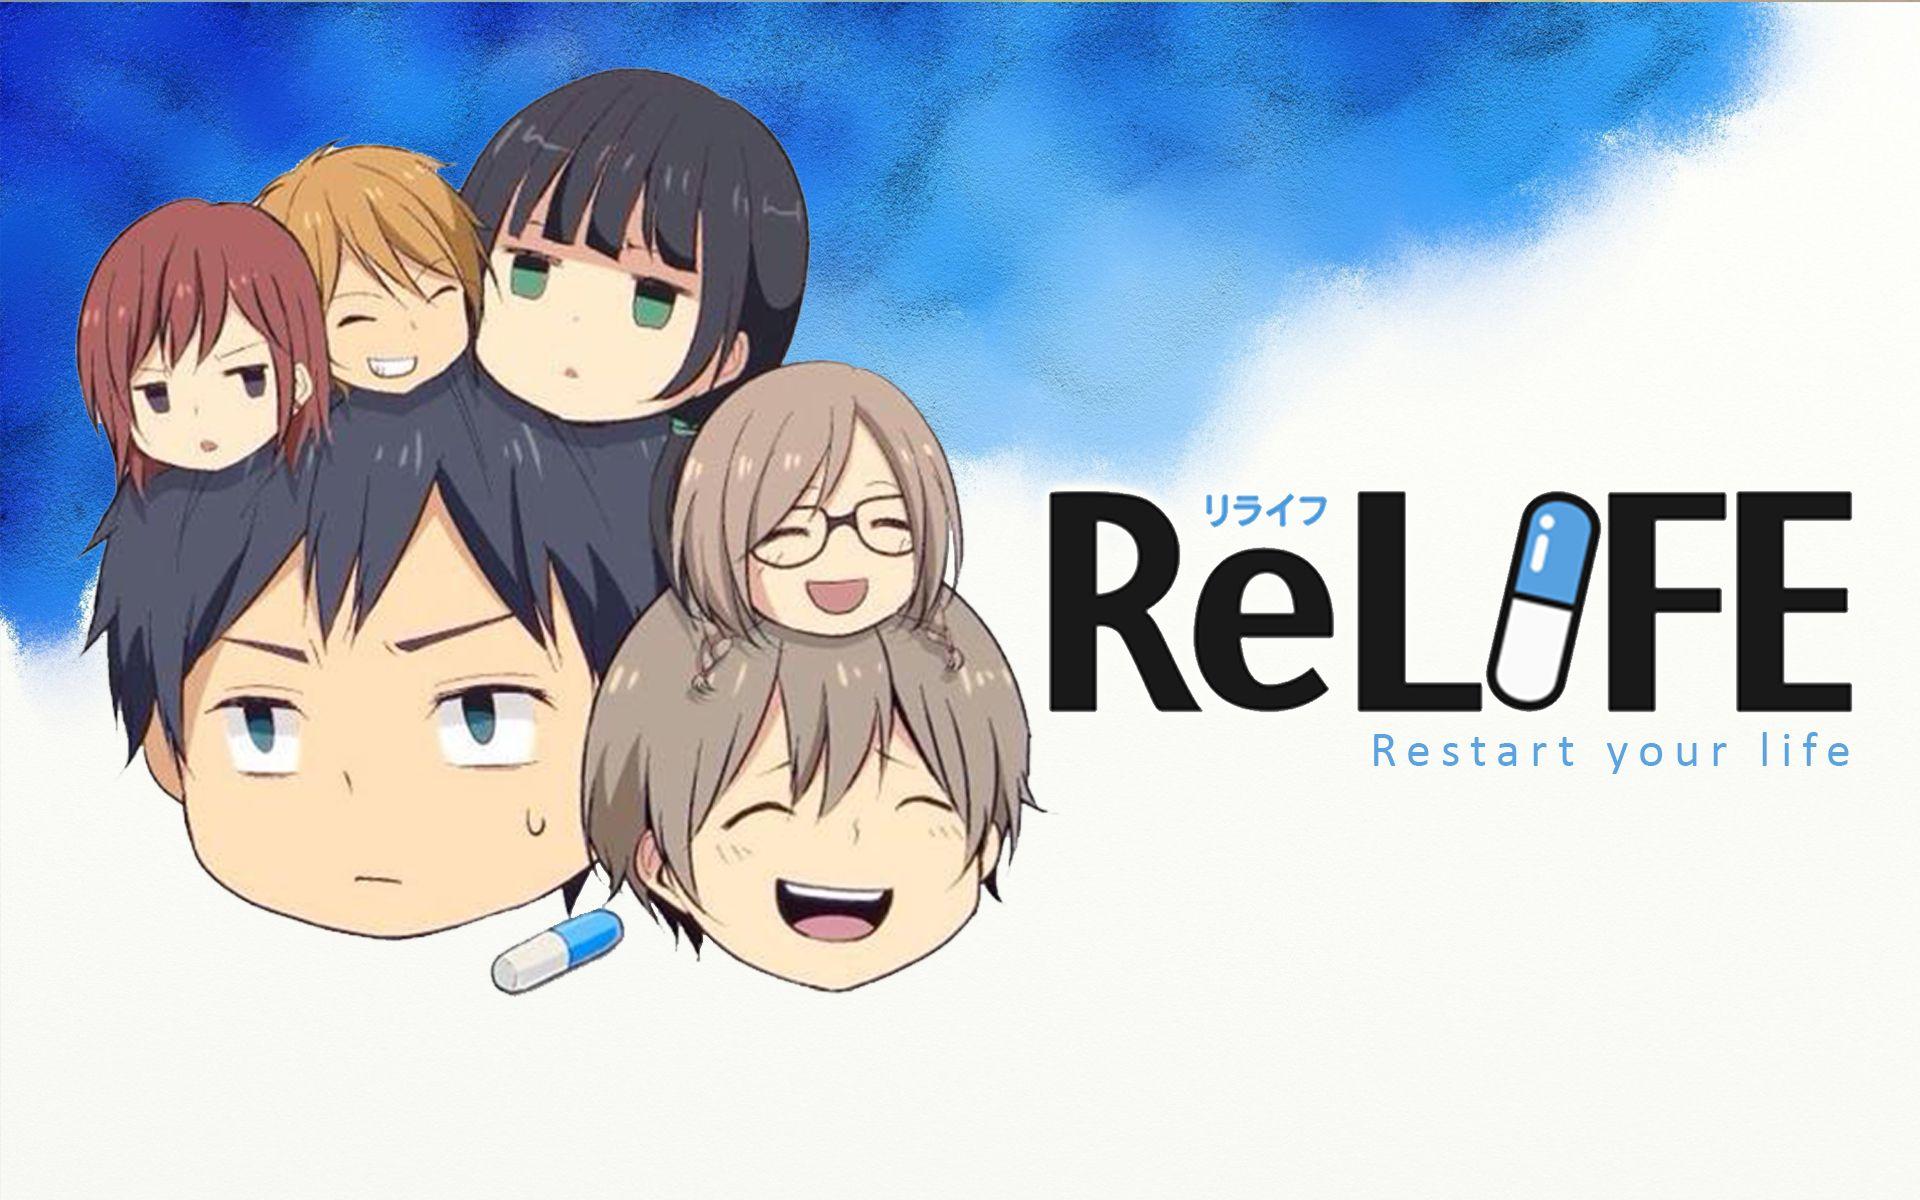 Relife Anime Desktop Wallpaper Anime Anime Chibi Chibi